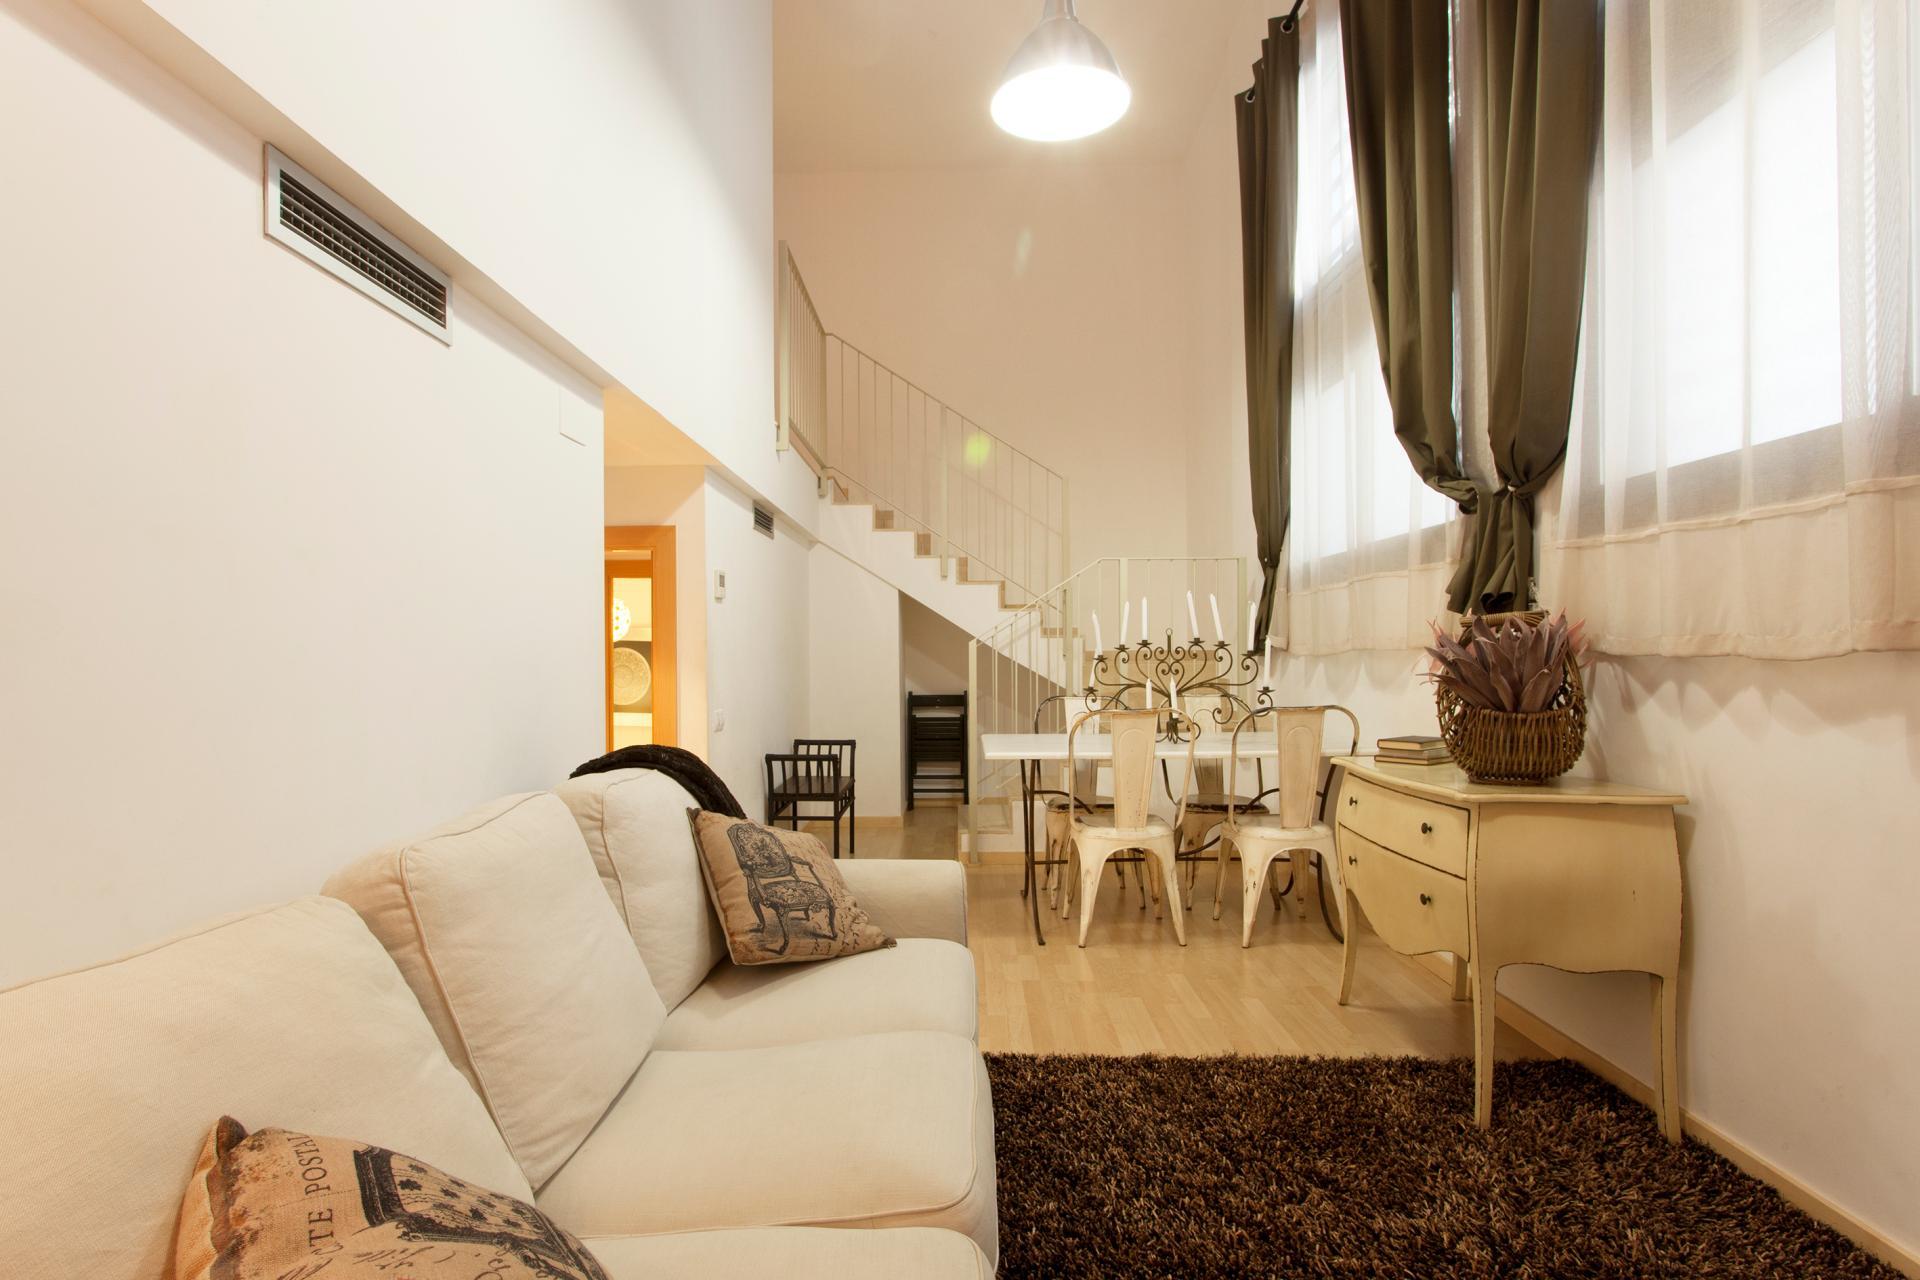 Appartamento arredato in affitto in via Sant Joaquim a Barcellona.